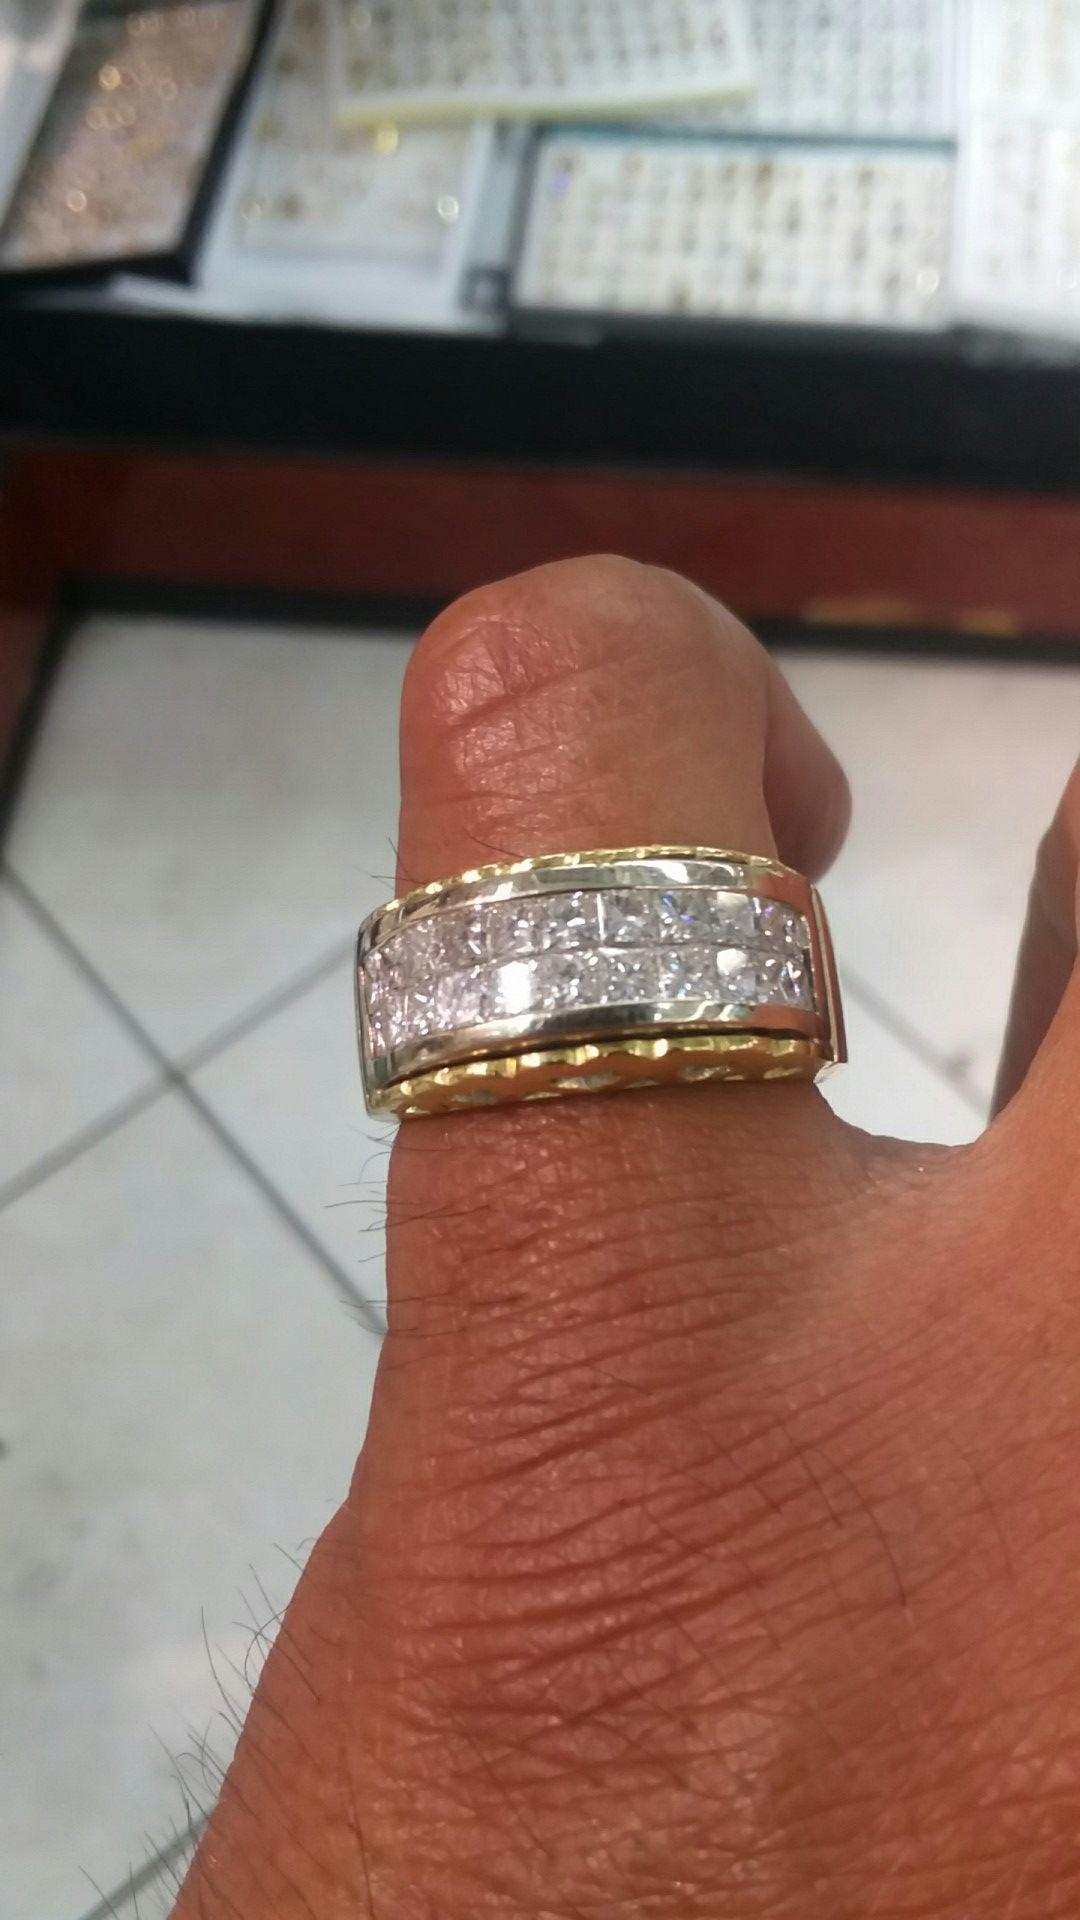 18k gold ring 16.8 grams 2 ct vs princess cut